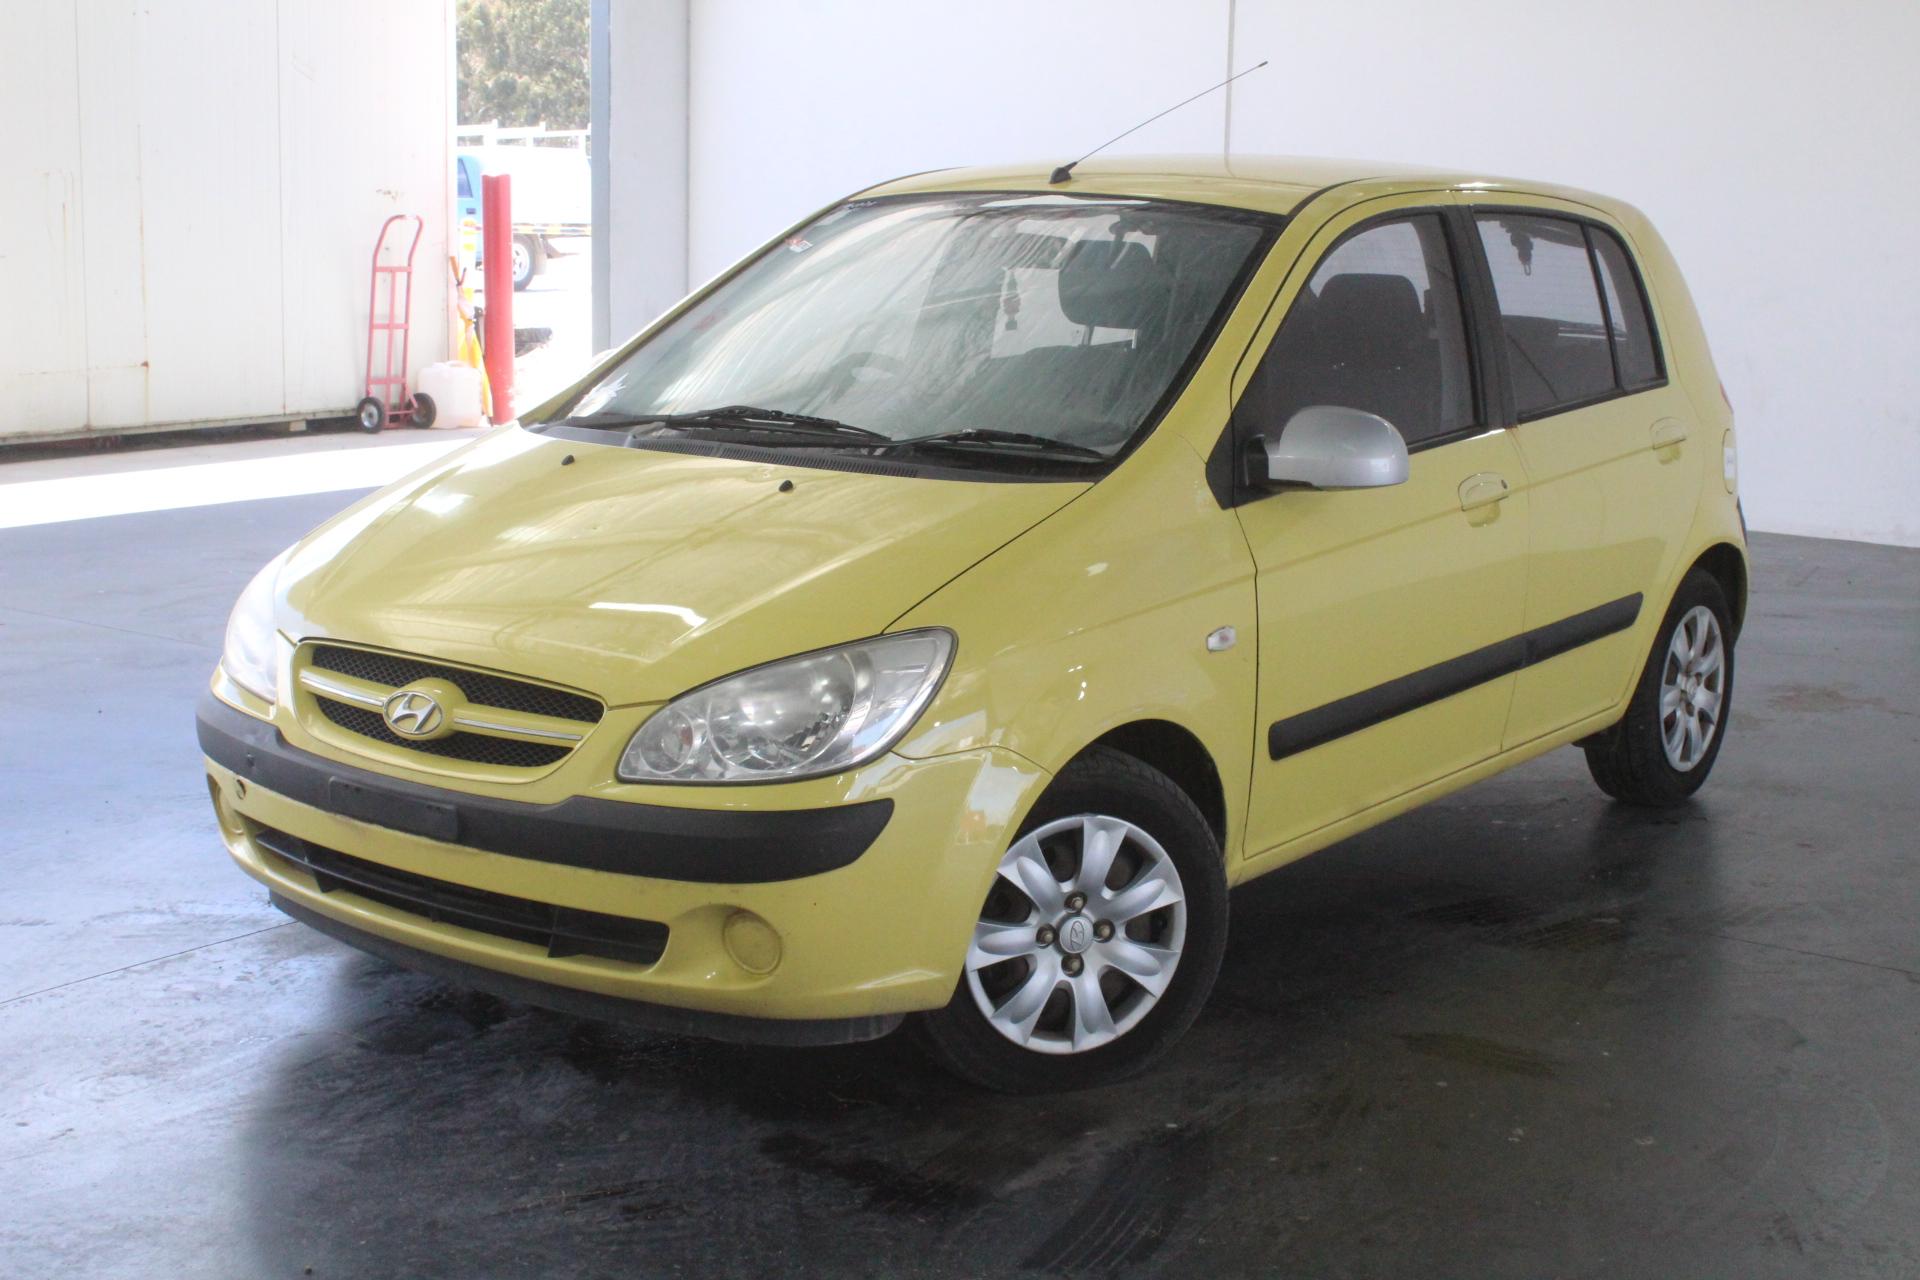 2007 Hyundai Getz 1.6 TB Automatic Hatchback